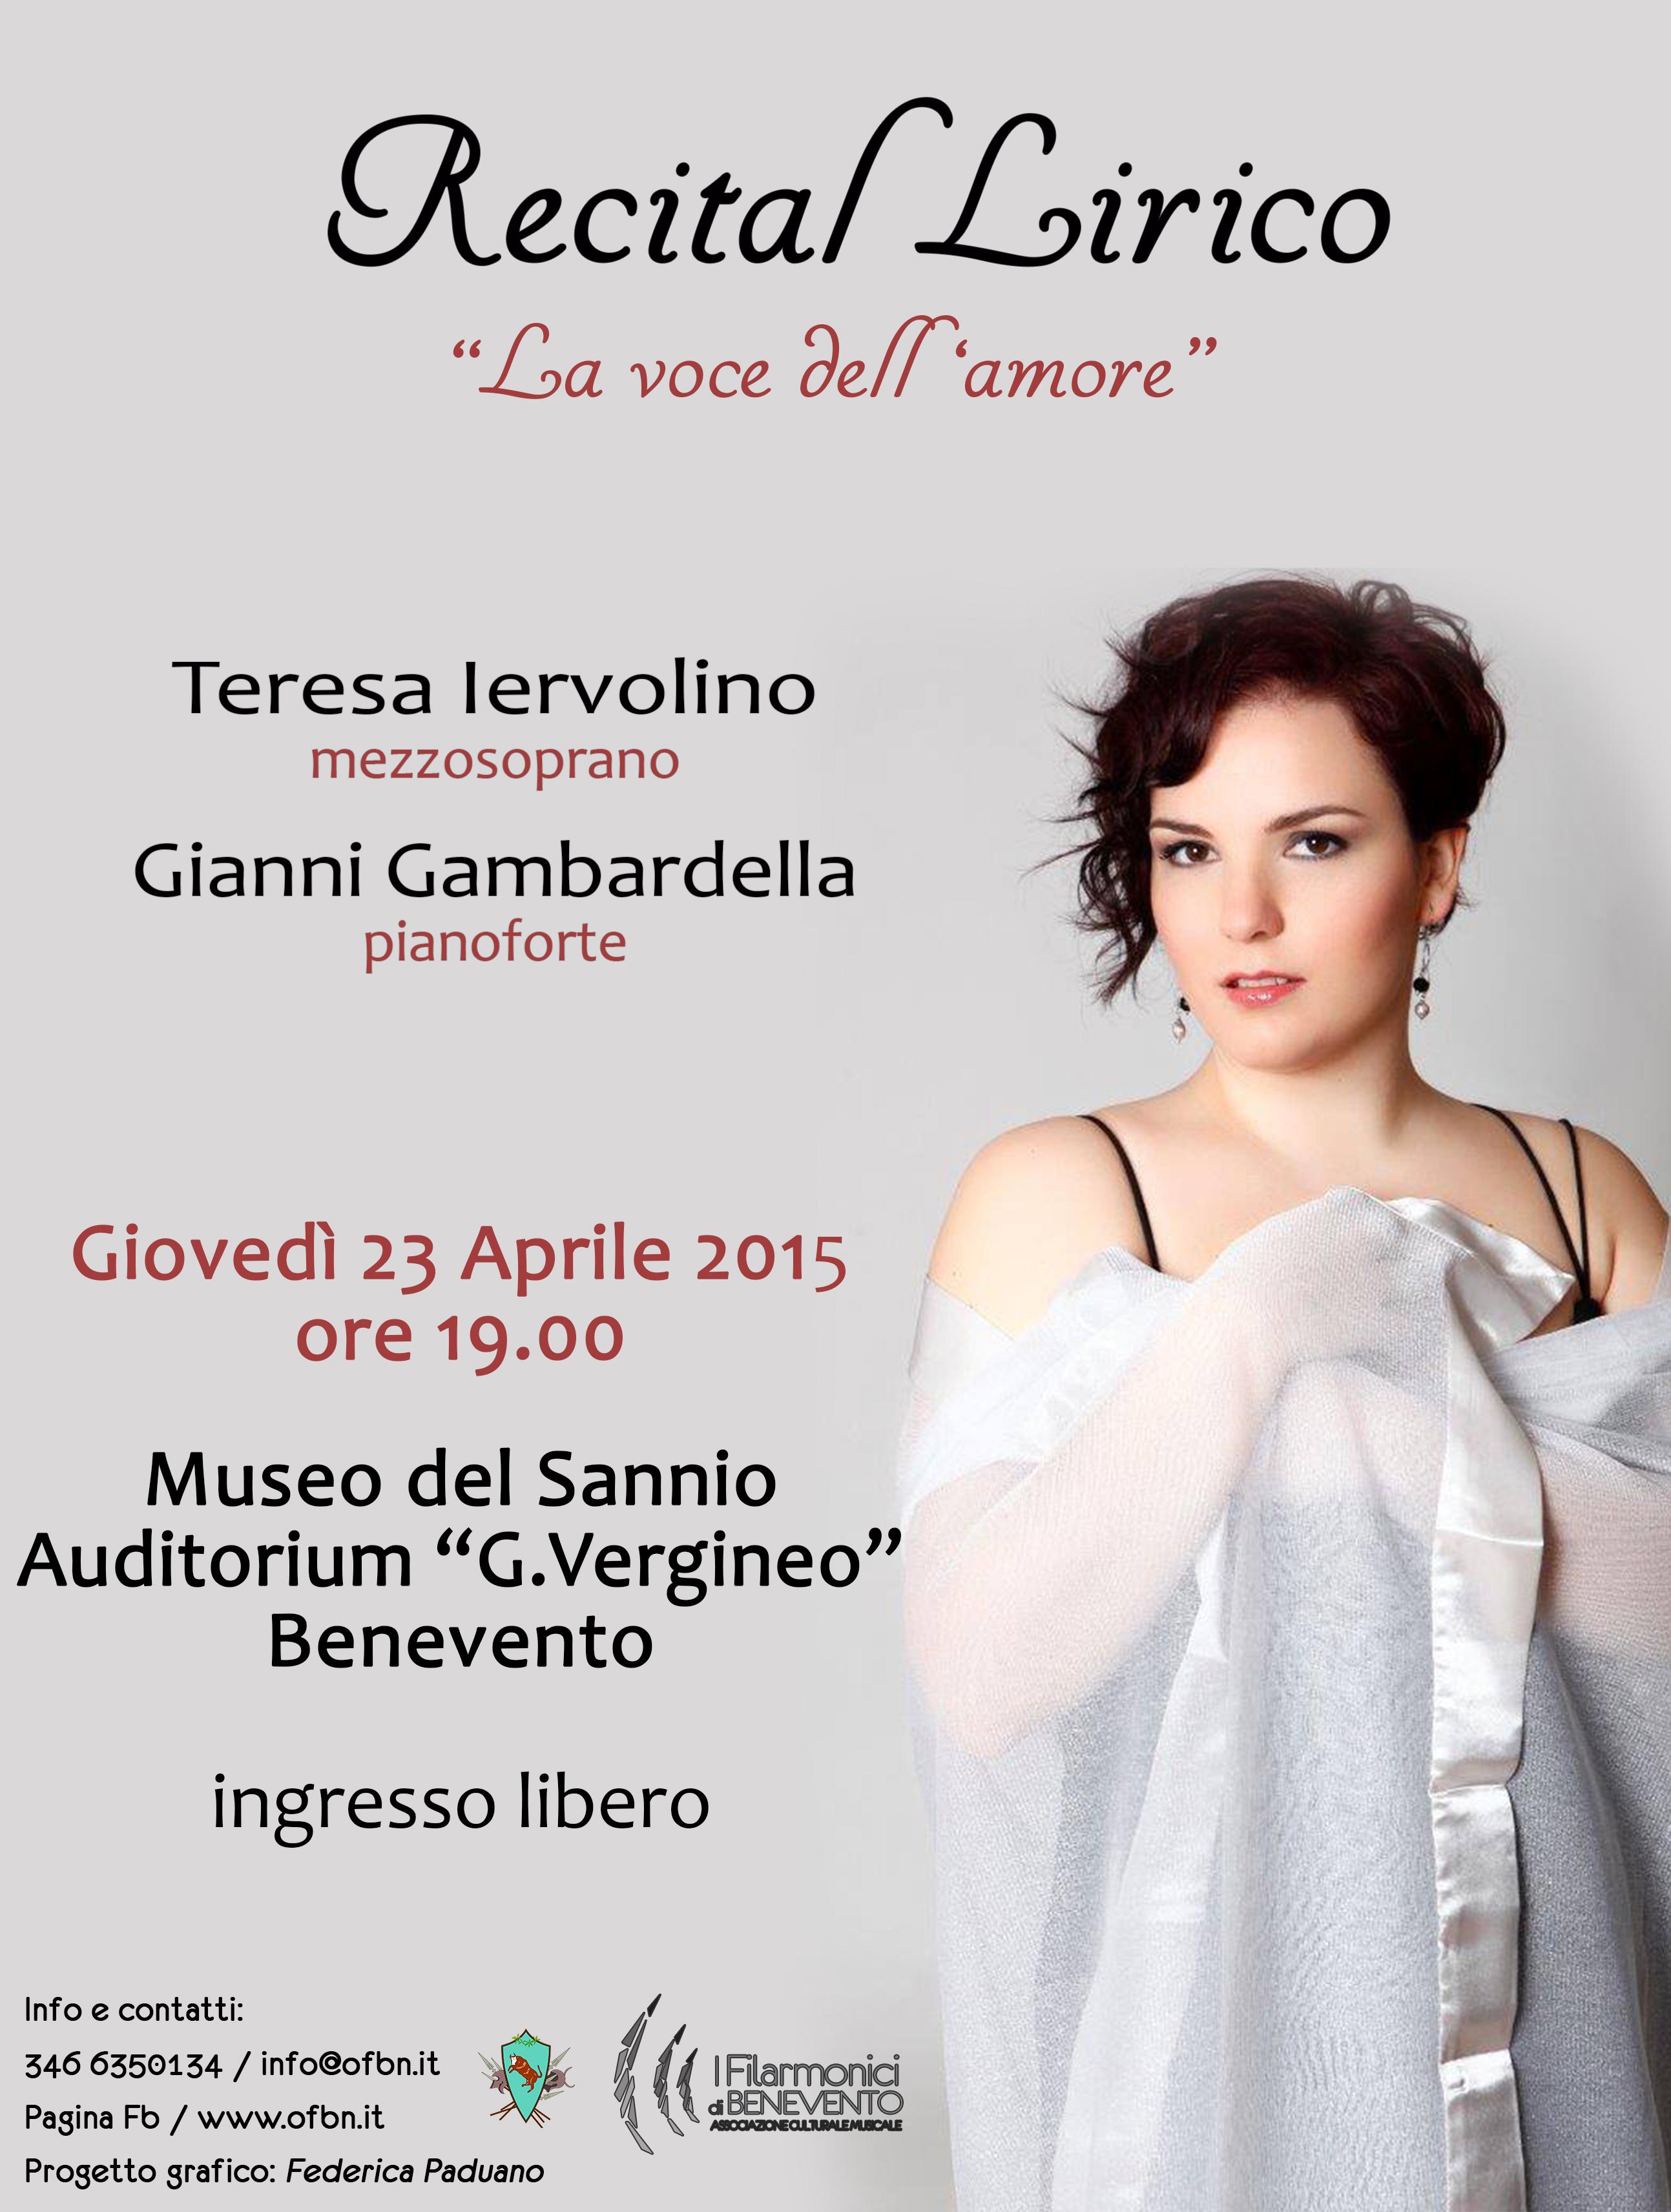 locandina concerto 23 aprile 2015